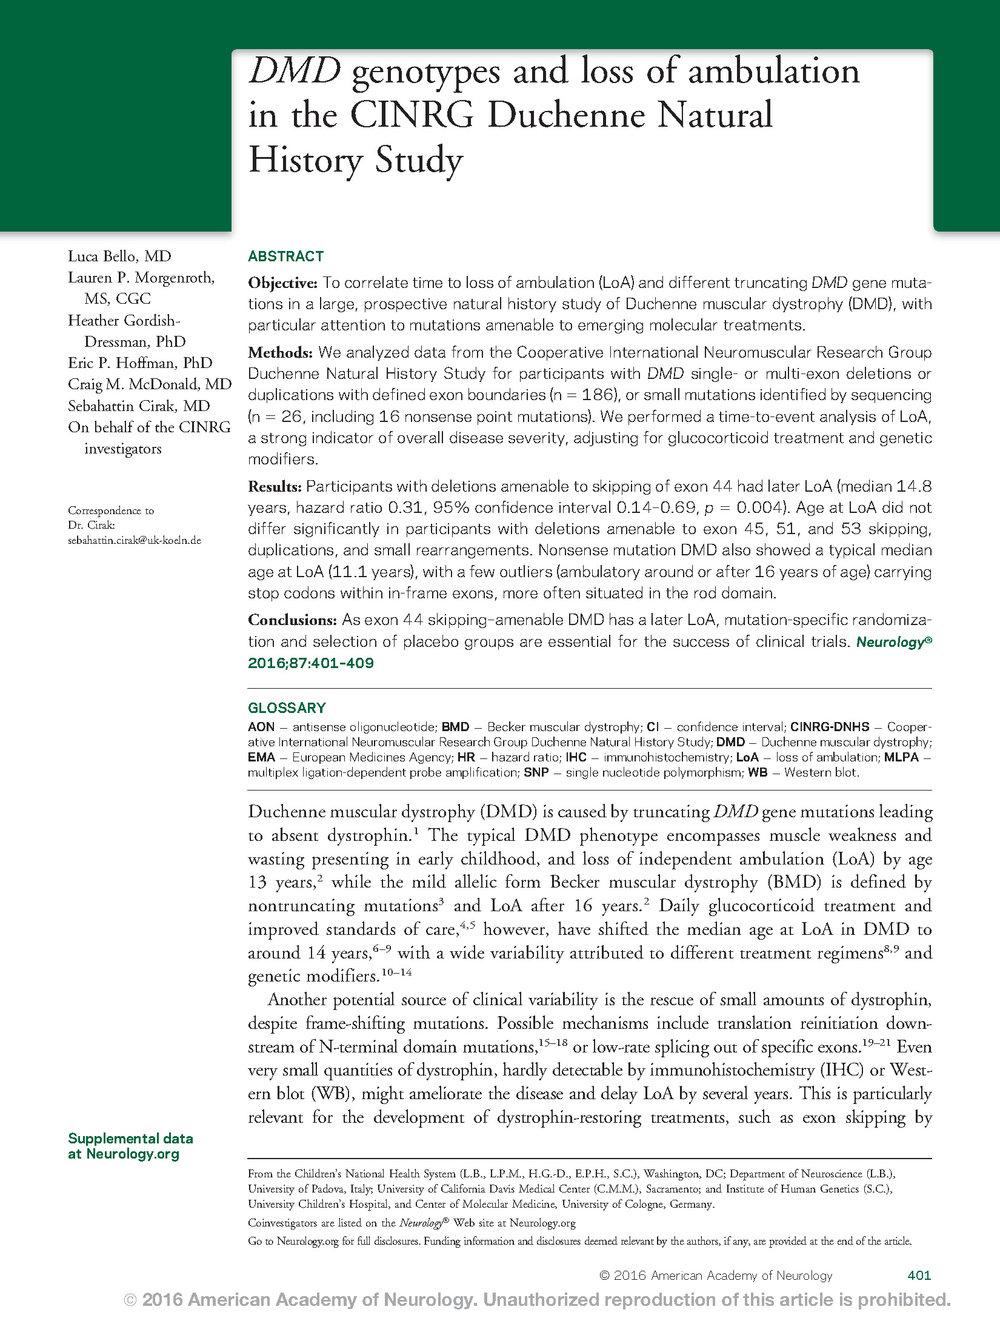 DMD Genotypes_Page_1.jpg